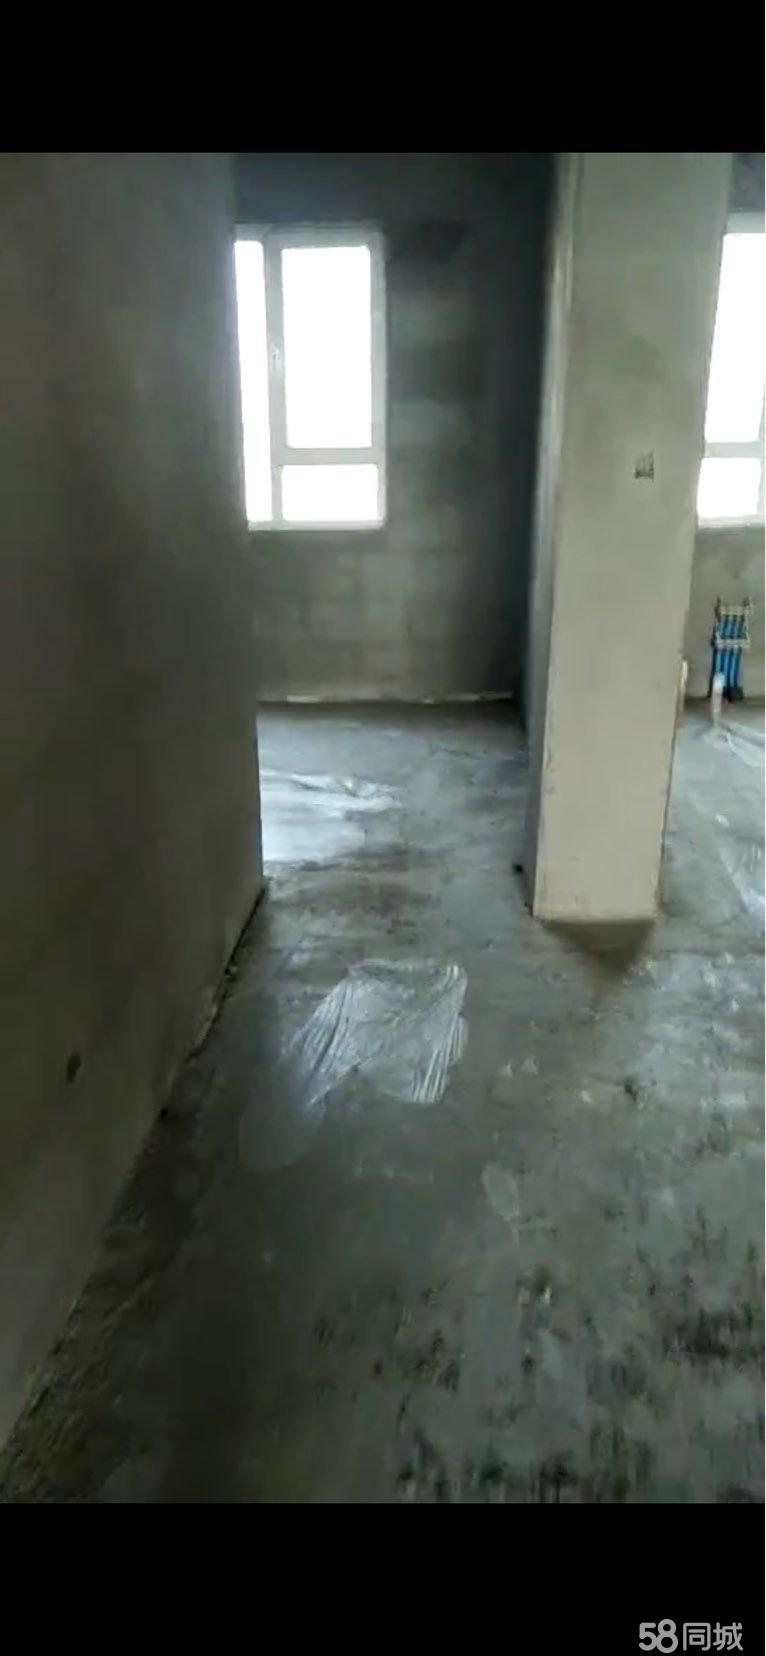 鴻鑫佳苑9層共11層。3號樓帶地下室全款